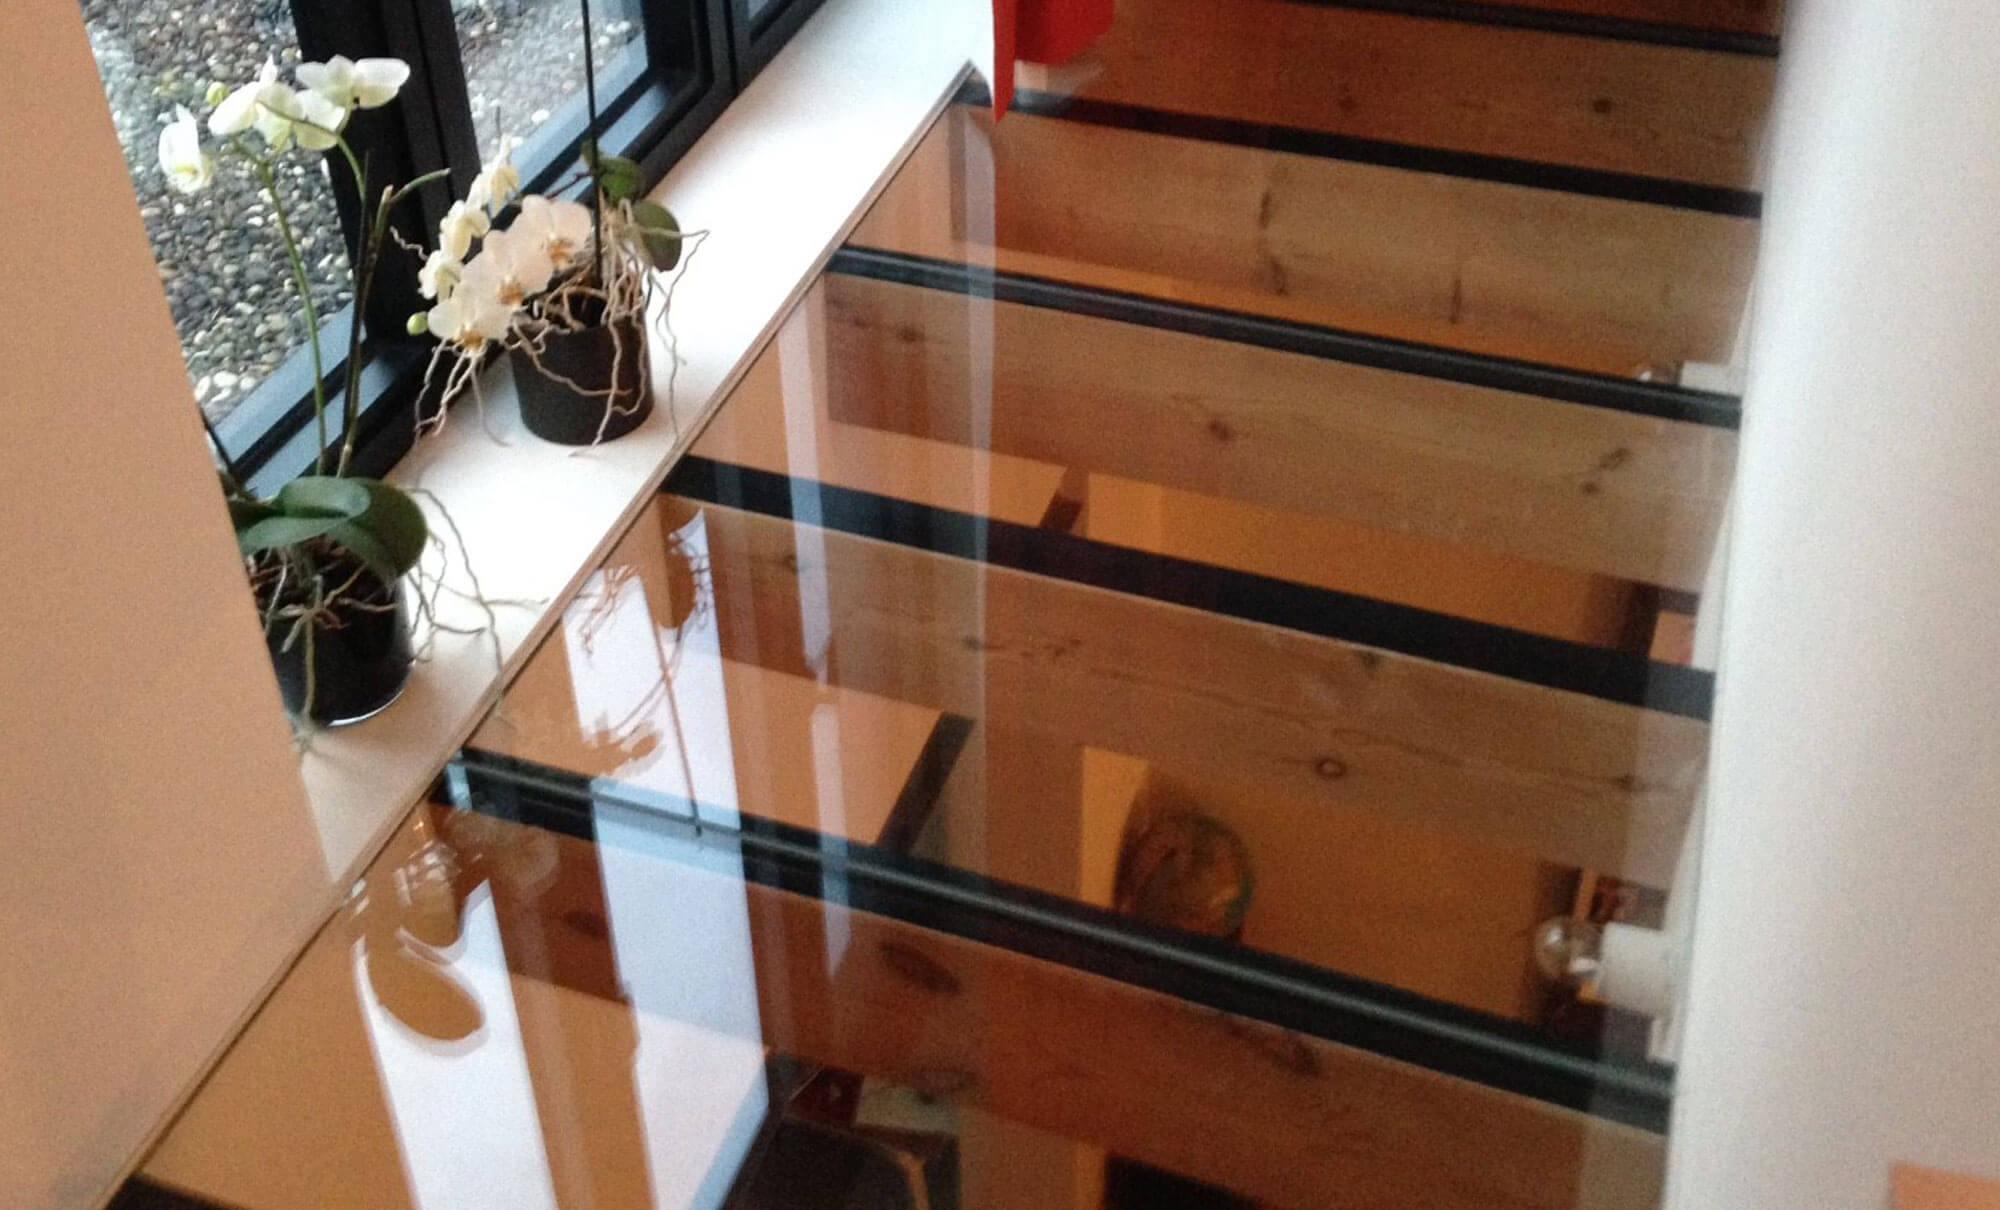 pglas-glazen-vloer-helder-gelaagd-glas-houten-balken